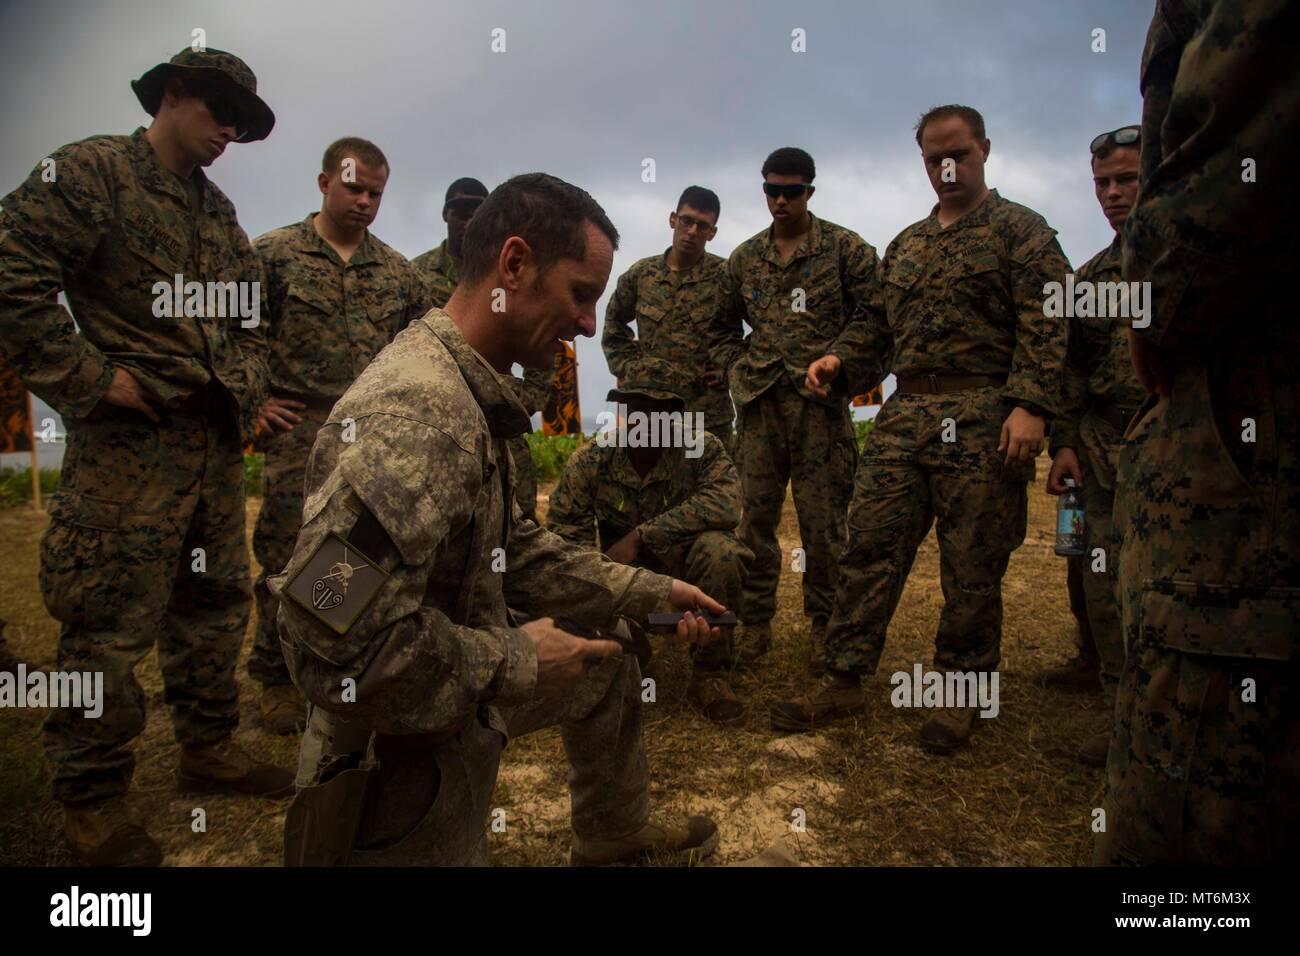 Les Marines américains avec 3e bataillon du 4ème de Marine attaché à Task Force Koa Moana 17, se réunissent autour de New Zealand Army Sgt. Le Major Paul Buckley comme il explique le glock 17 TAFAKULA système d'arme au cours de l'effort, sur l'île de Tongatapu (Tonga, le 21 juillet 2017. TAFAKULA d'exercice est conçu pour renforcer l'armée à militaires, et les relations communautaires entre Sa Majesté des Tonga dans l'Armée, l'armée française de Nouvelle Calédonie, New Zealand Defence Force, et les Forces armées des États-Unis. (U.S. Marine Corps photo par MCIPAC le Caméra de combat. Juan C. Bustos) Banque D'Images